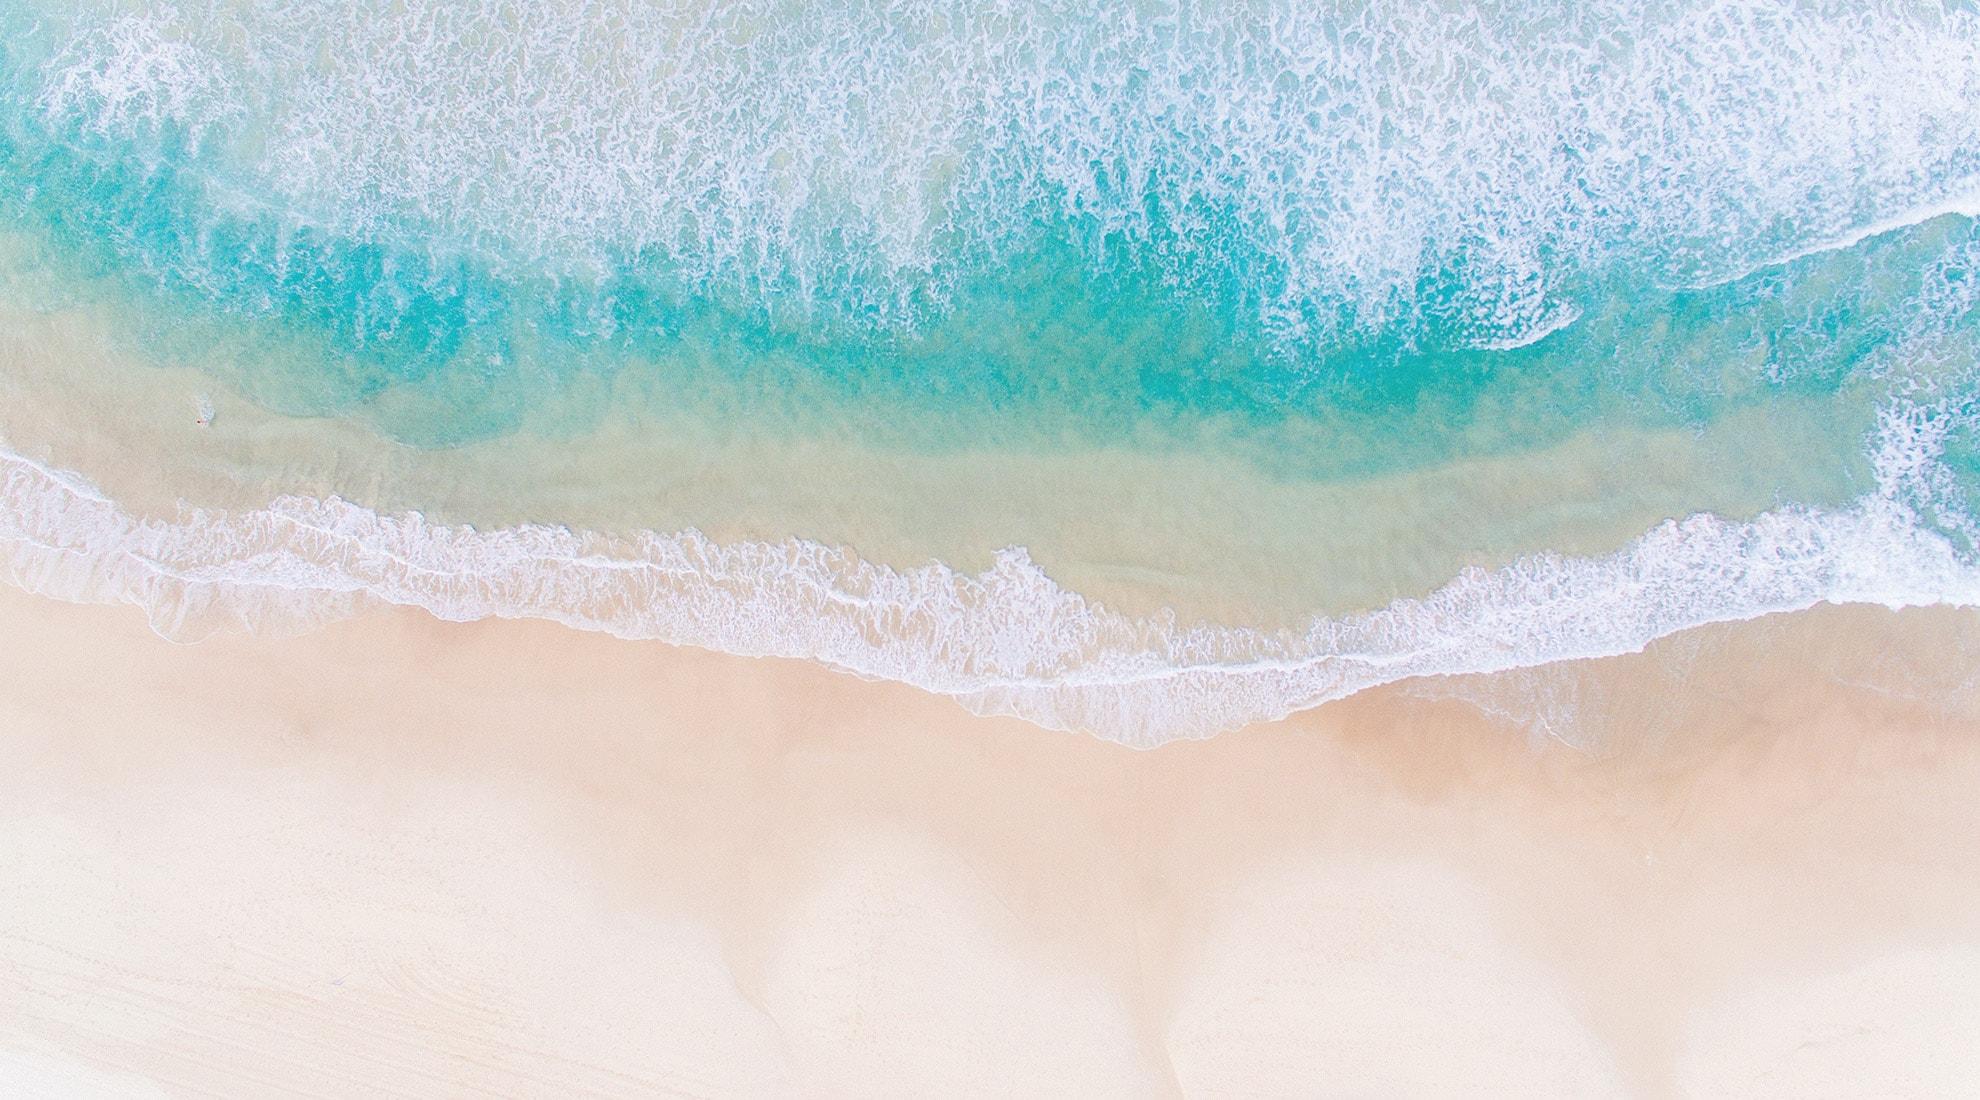 COCOOIL Ocean